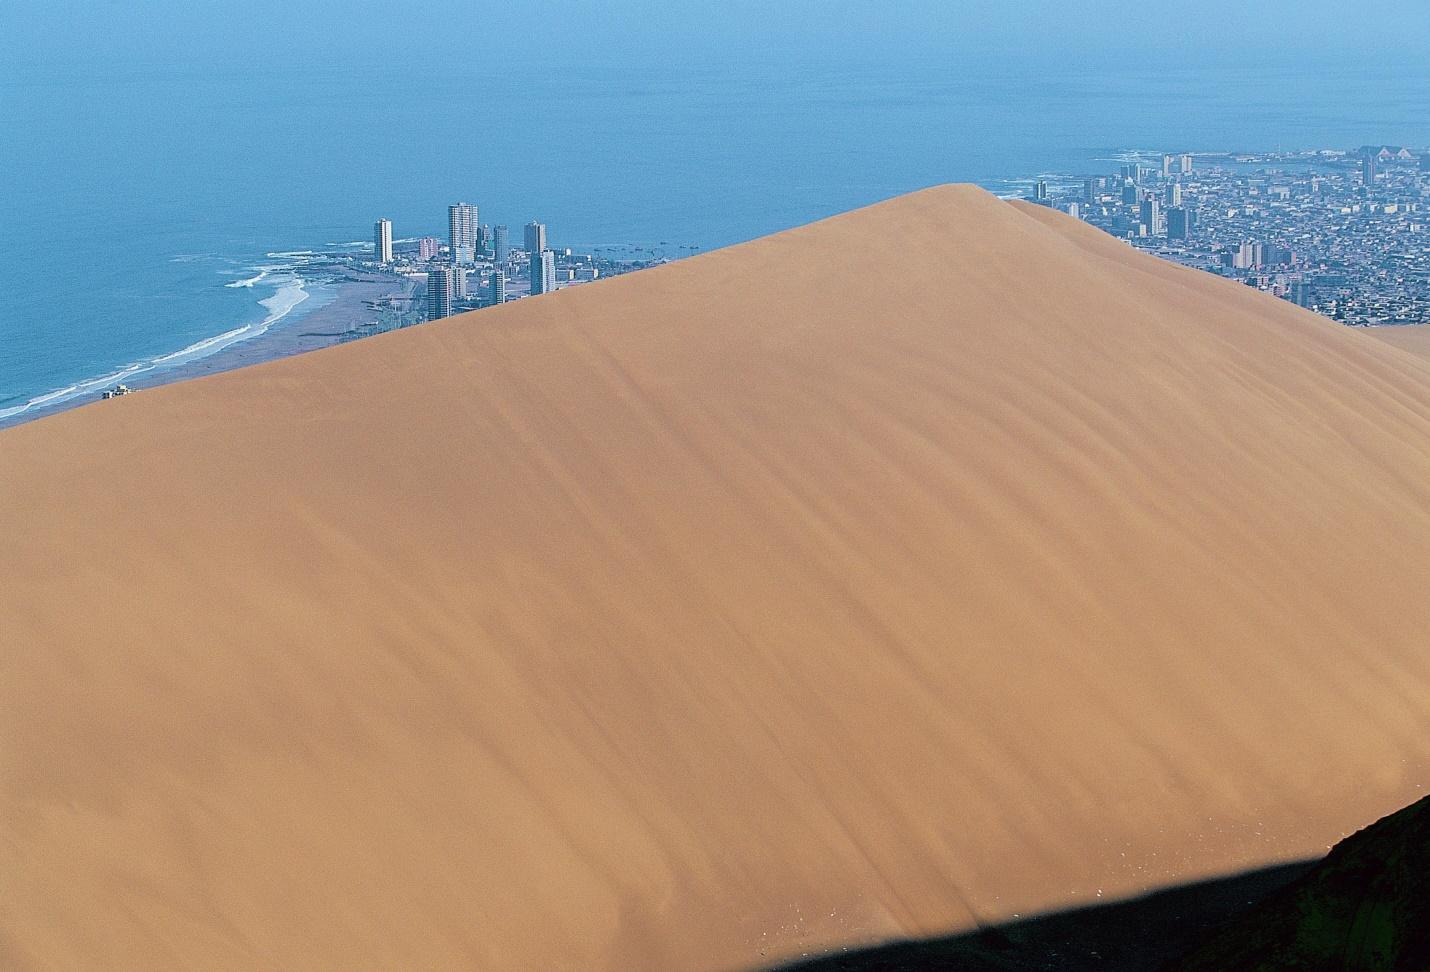 تصاویر همسایگی دریا و شنزار در نمایی دیدنی از تپه اژدها - 5